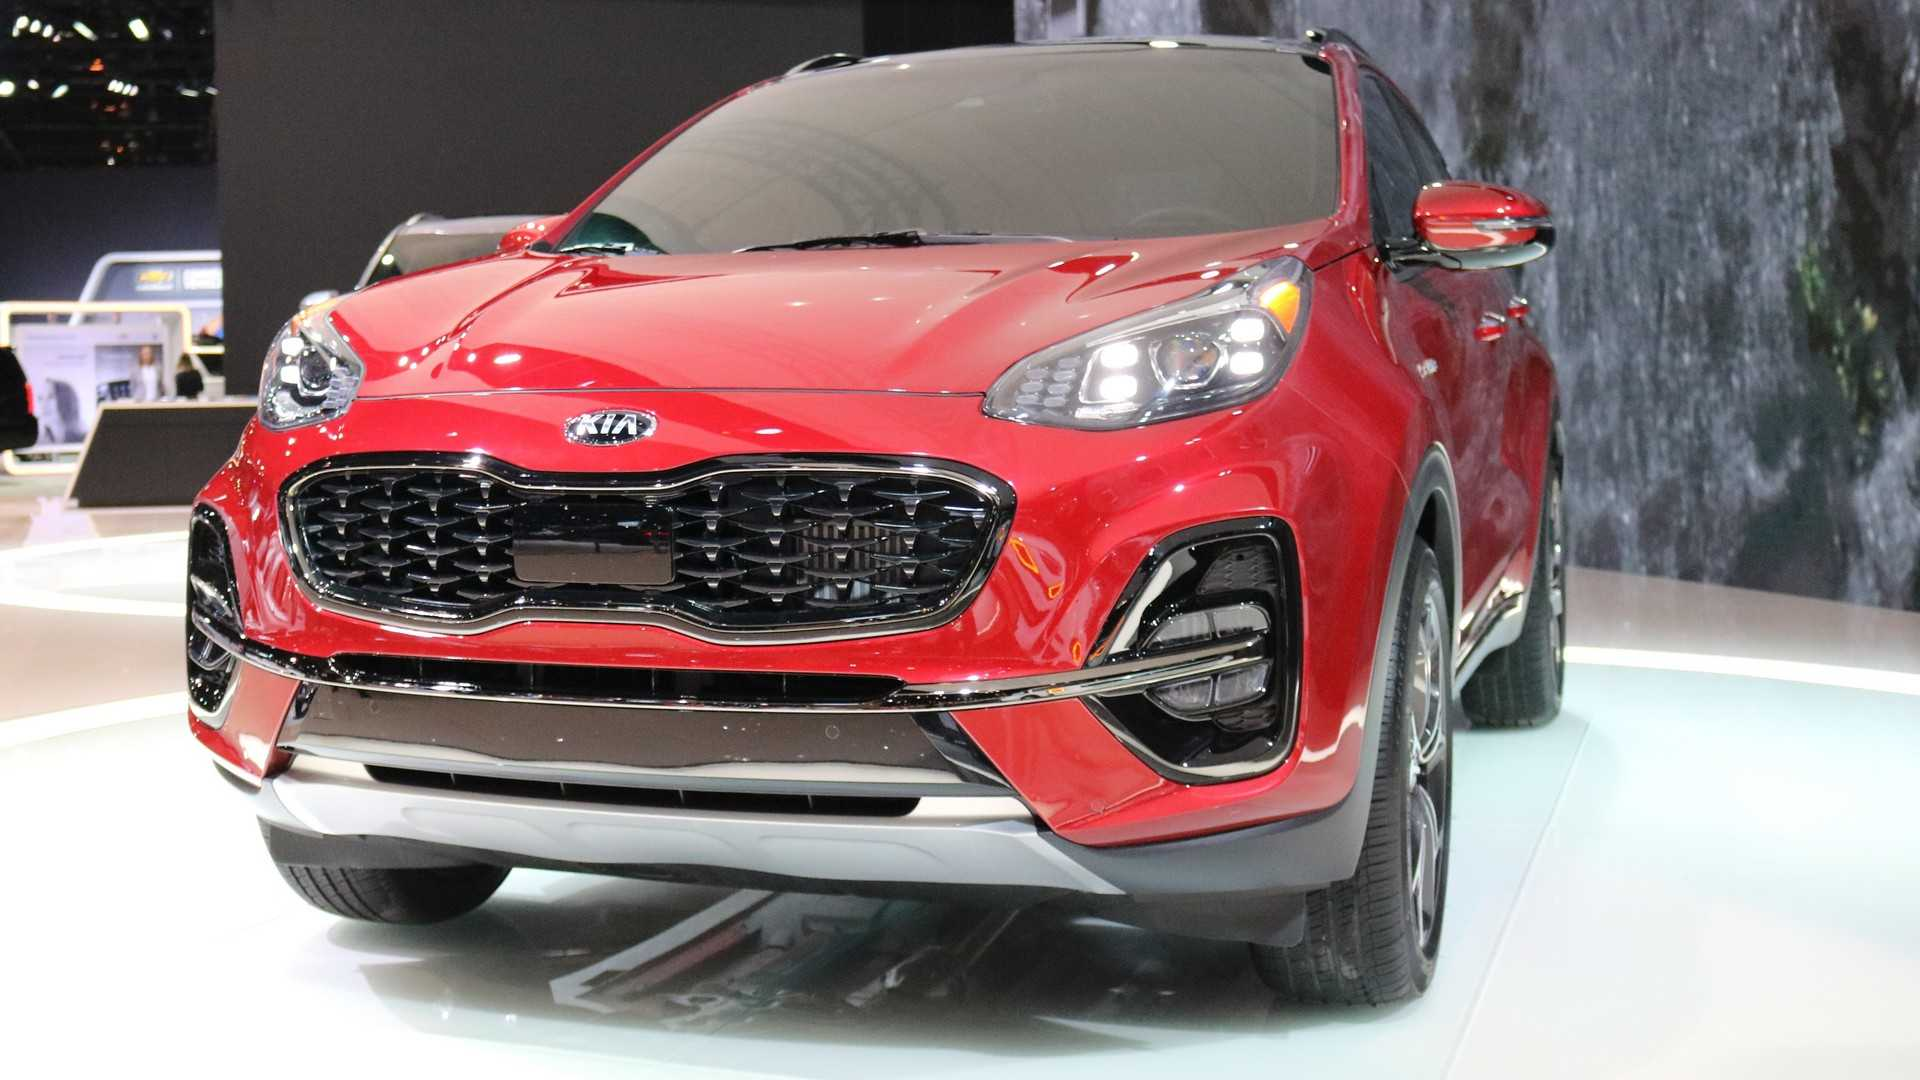 На открывшемся мотор-шоу в Чикаго южнокорейский автопроизводитель «Киа» представил обновленный Sportage